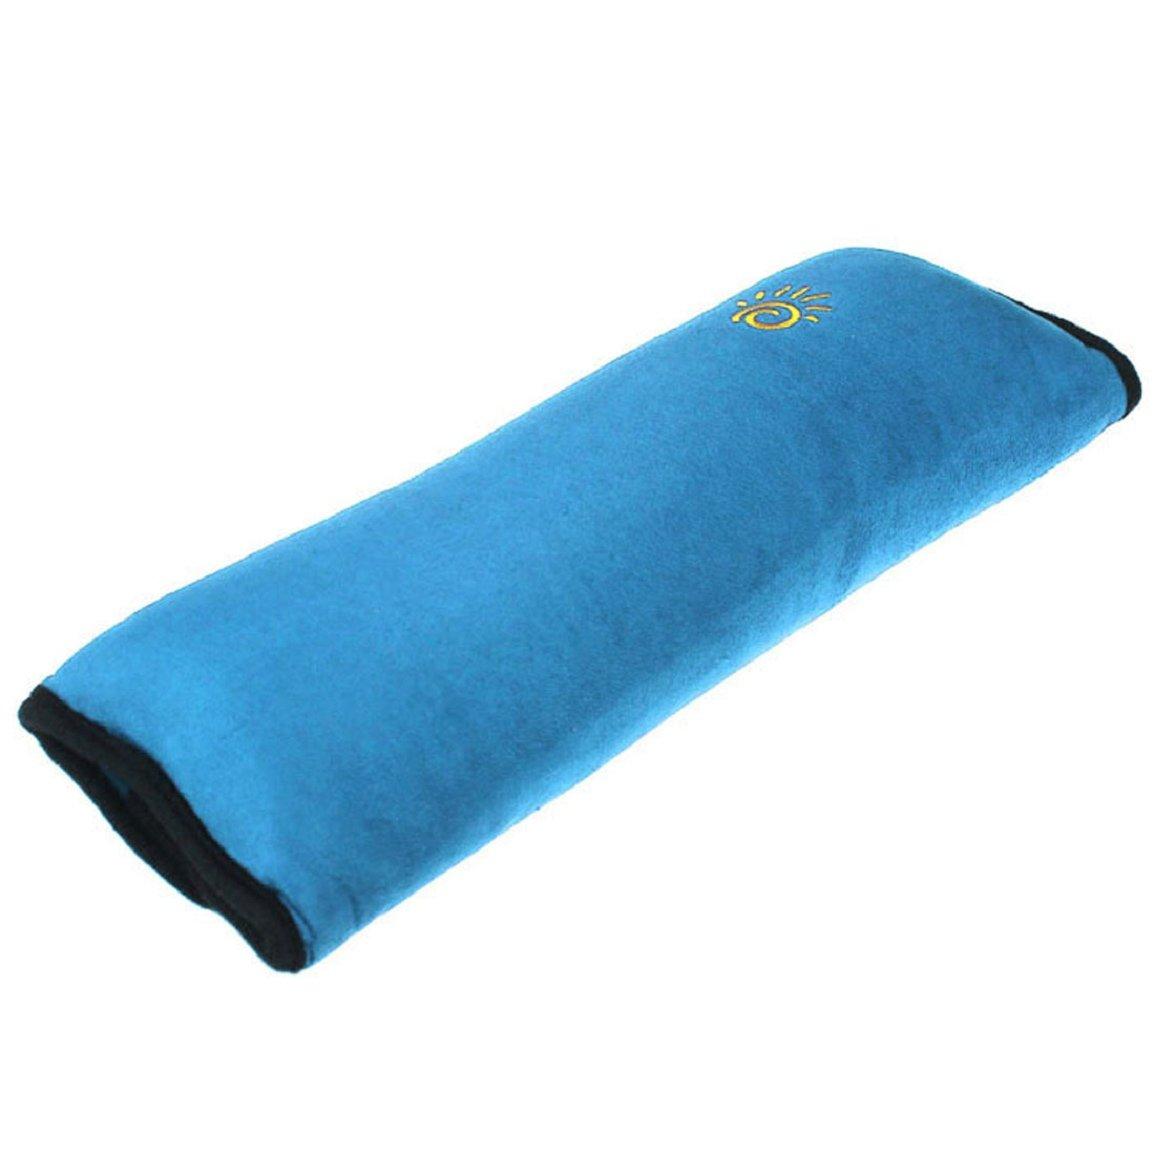 Malloom® 2015 nuevo Asiento de coche cinturón hombro cojín reposacabezas almohada para dormir para niños almohada cervical (azul (blue)) Malloom®